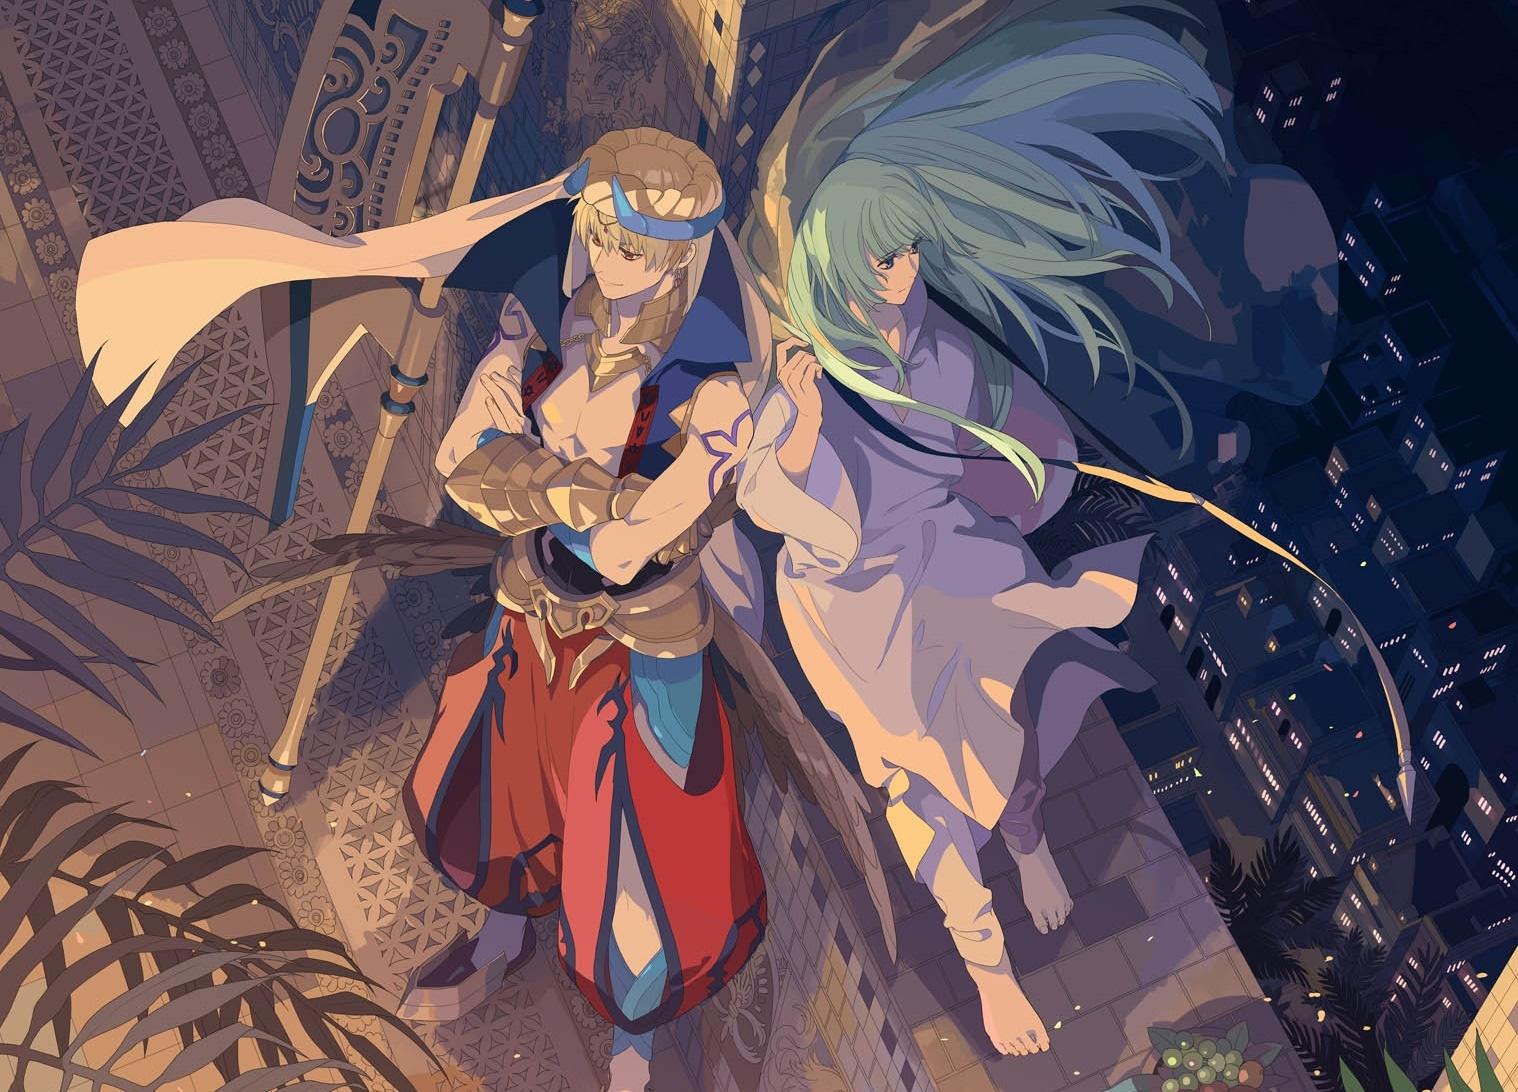 舞台『Fate/Grand Order』イメージビジュアル到着